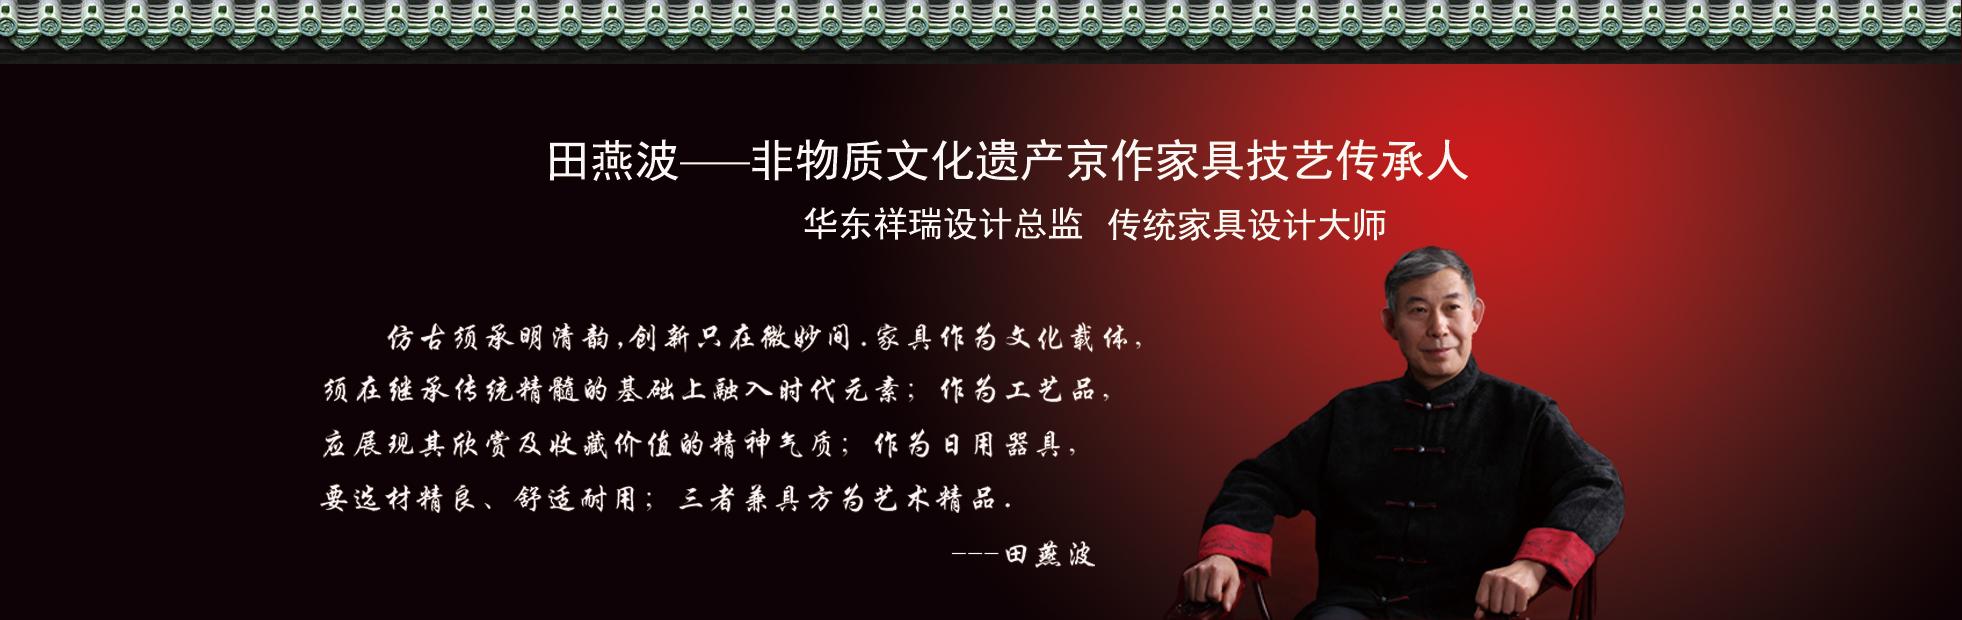 华东祥瑞设计总监田燕波老师